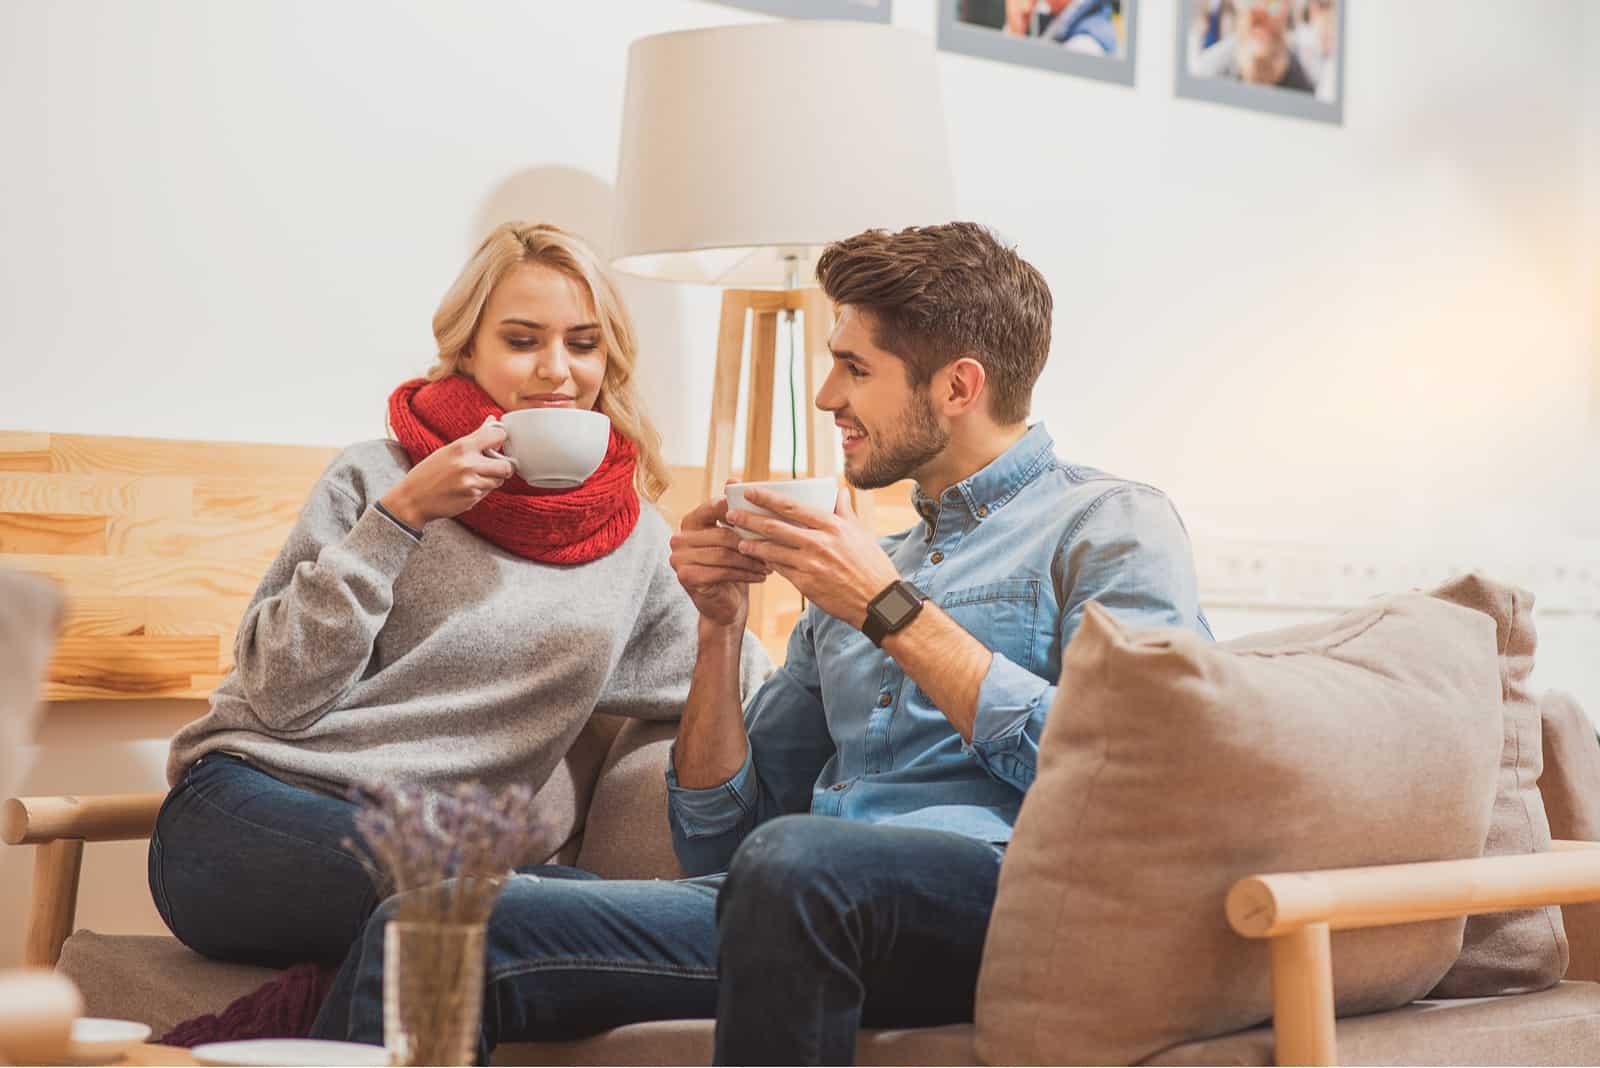 ein Mann und eine Frau sitzen auf einem Abschnitt und trinken Kaffee